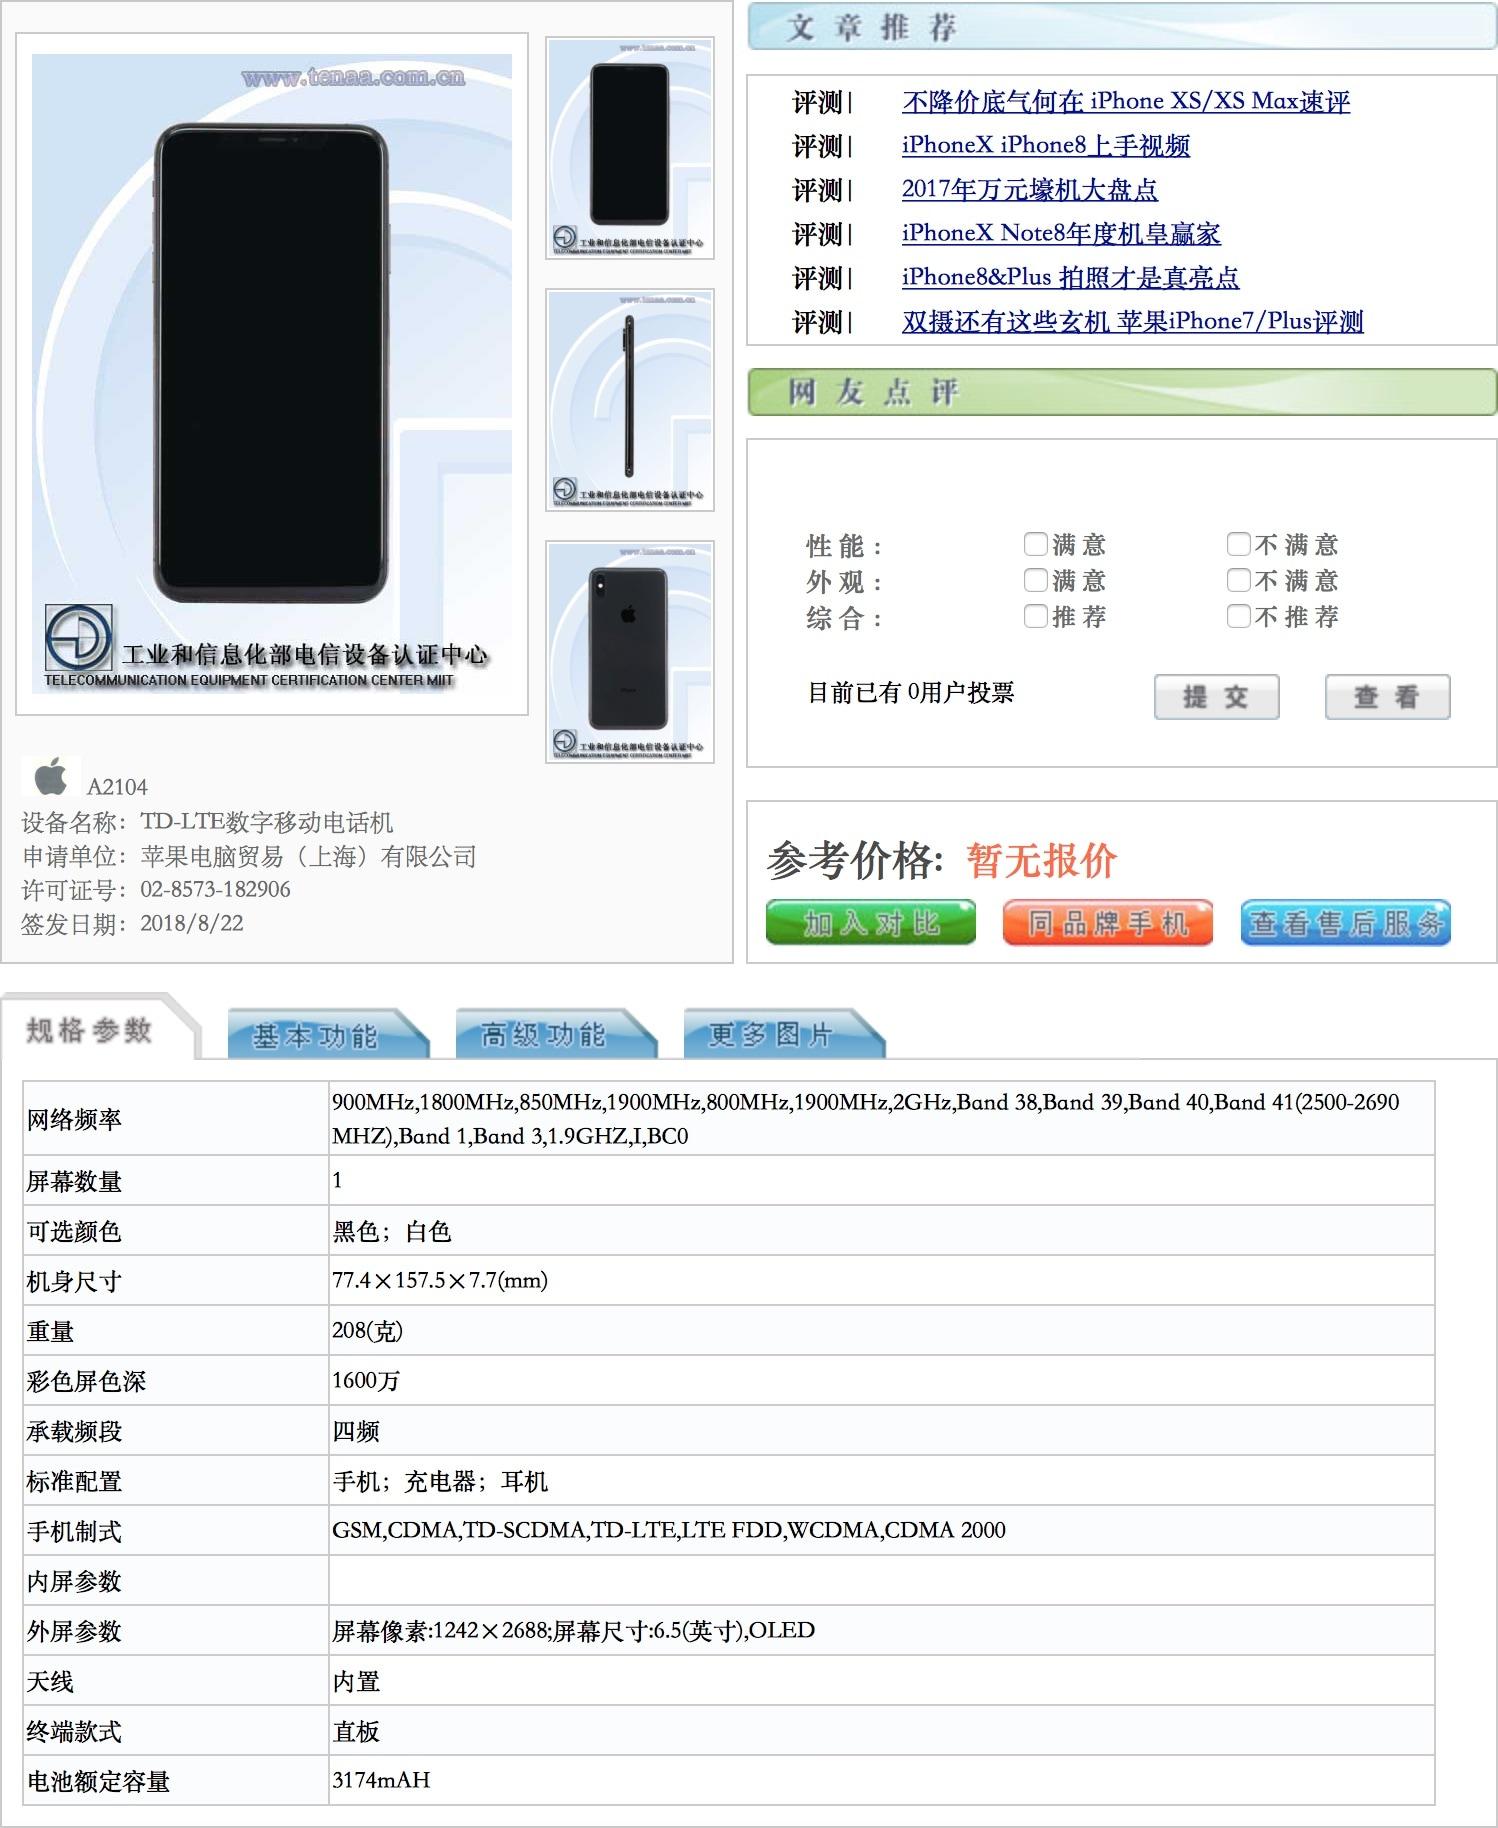 Especificações do iPhone XS Max